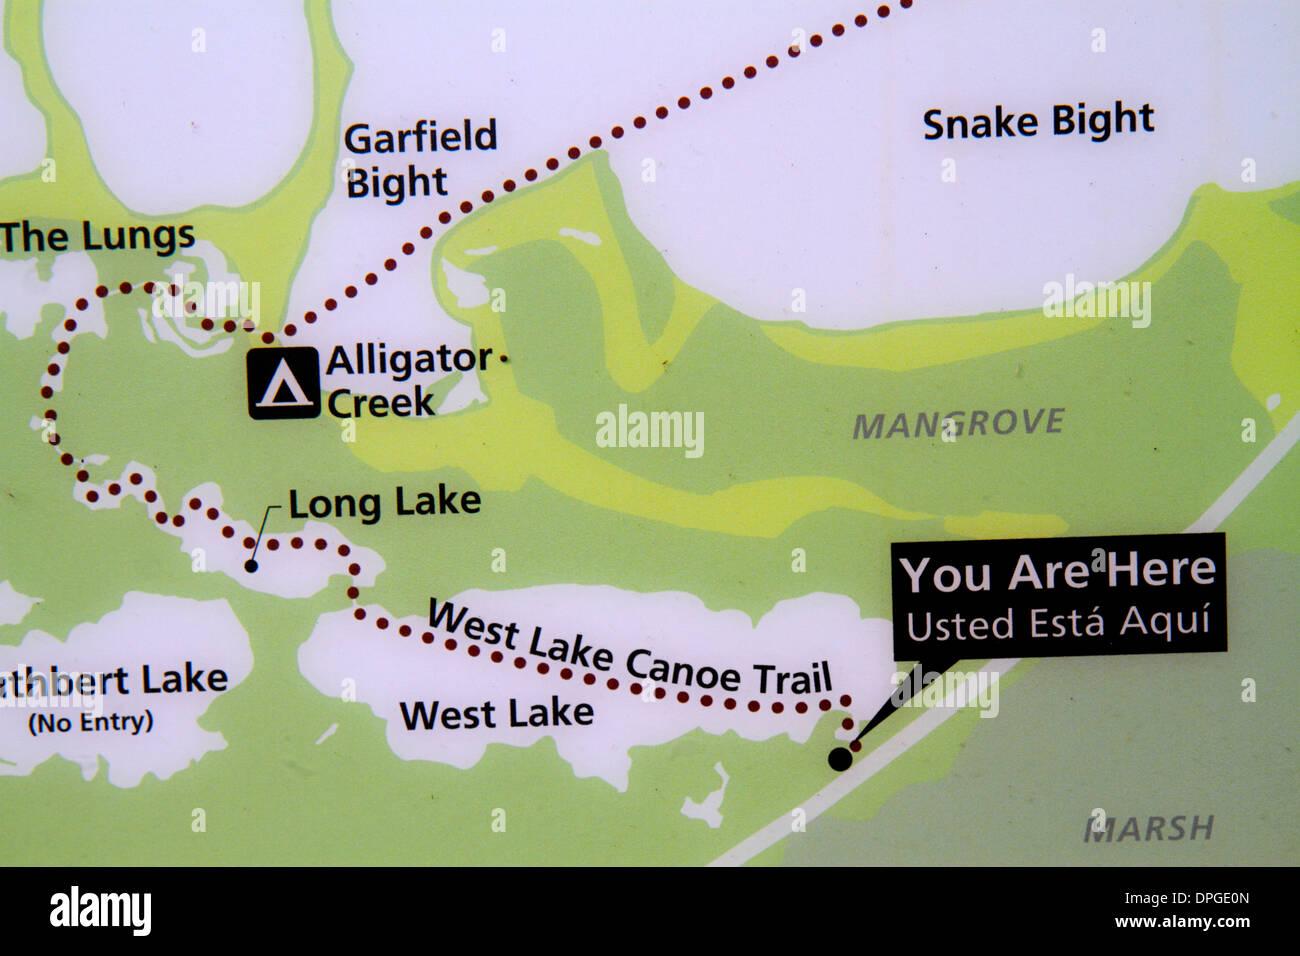 Everglades National Park Florida Map Stock Photos Everglades